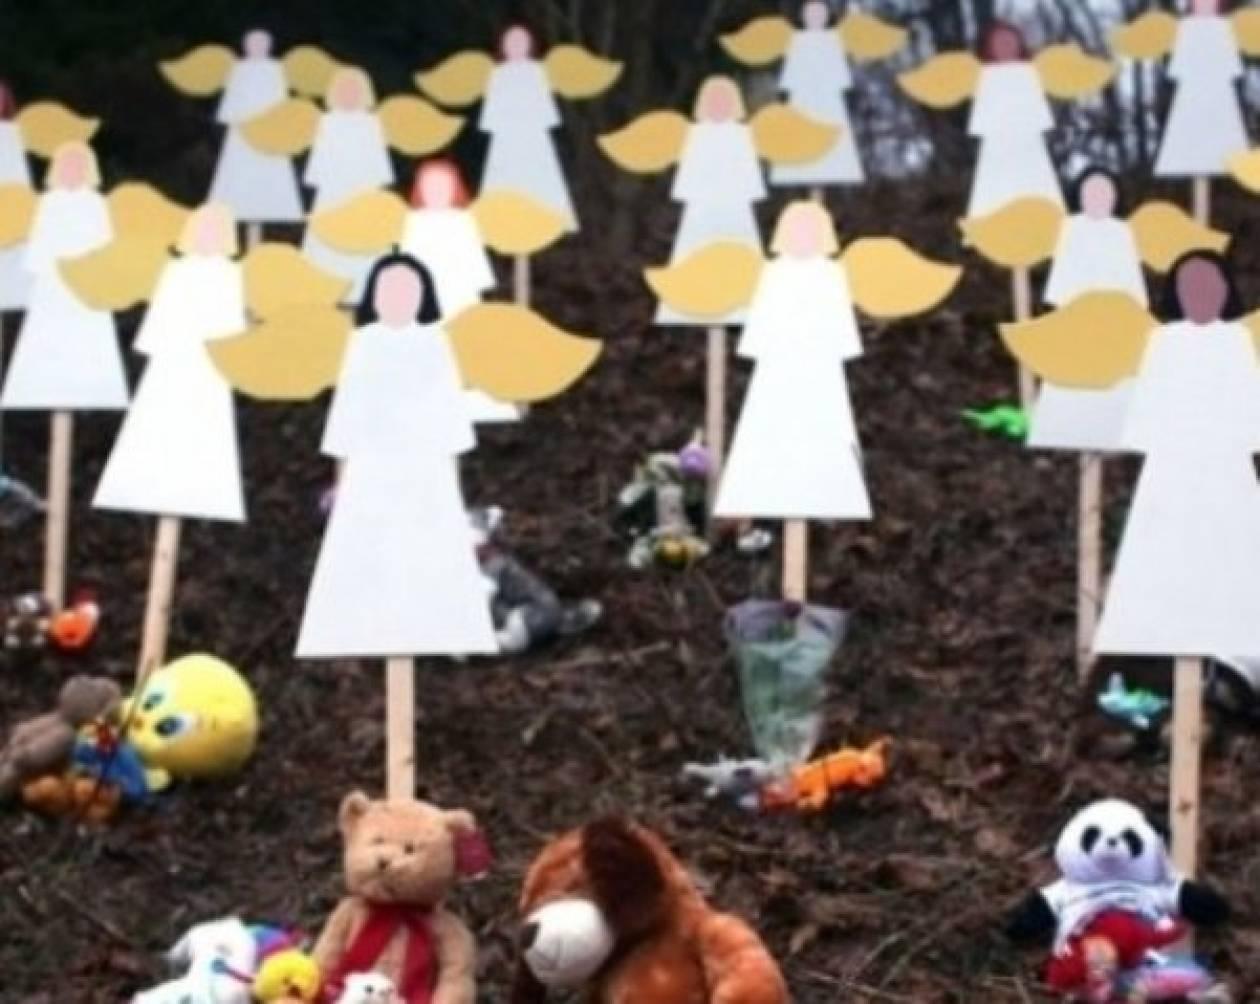 Συγκλονιστικές φωτογραφίες από το μακελειό στο δημοτικό σχολείο